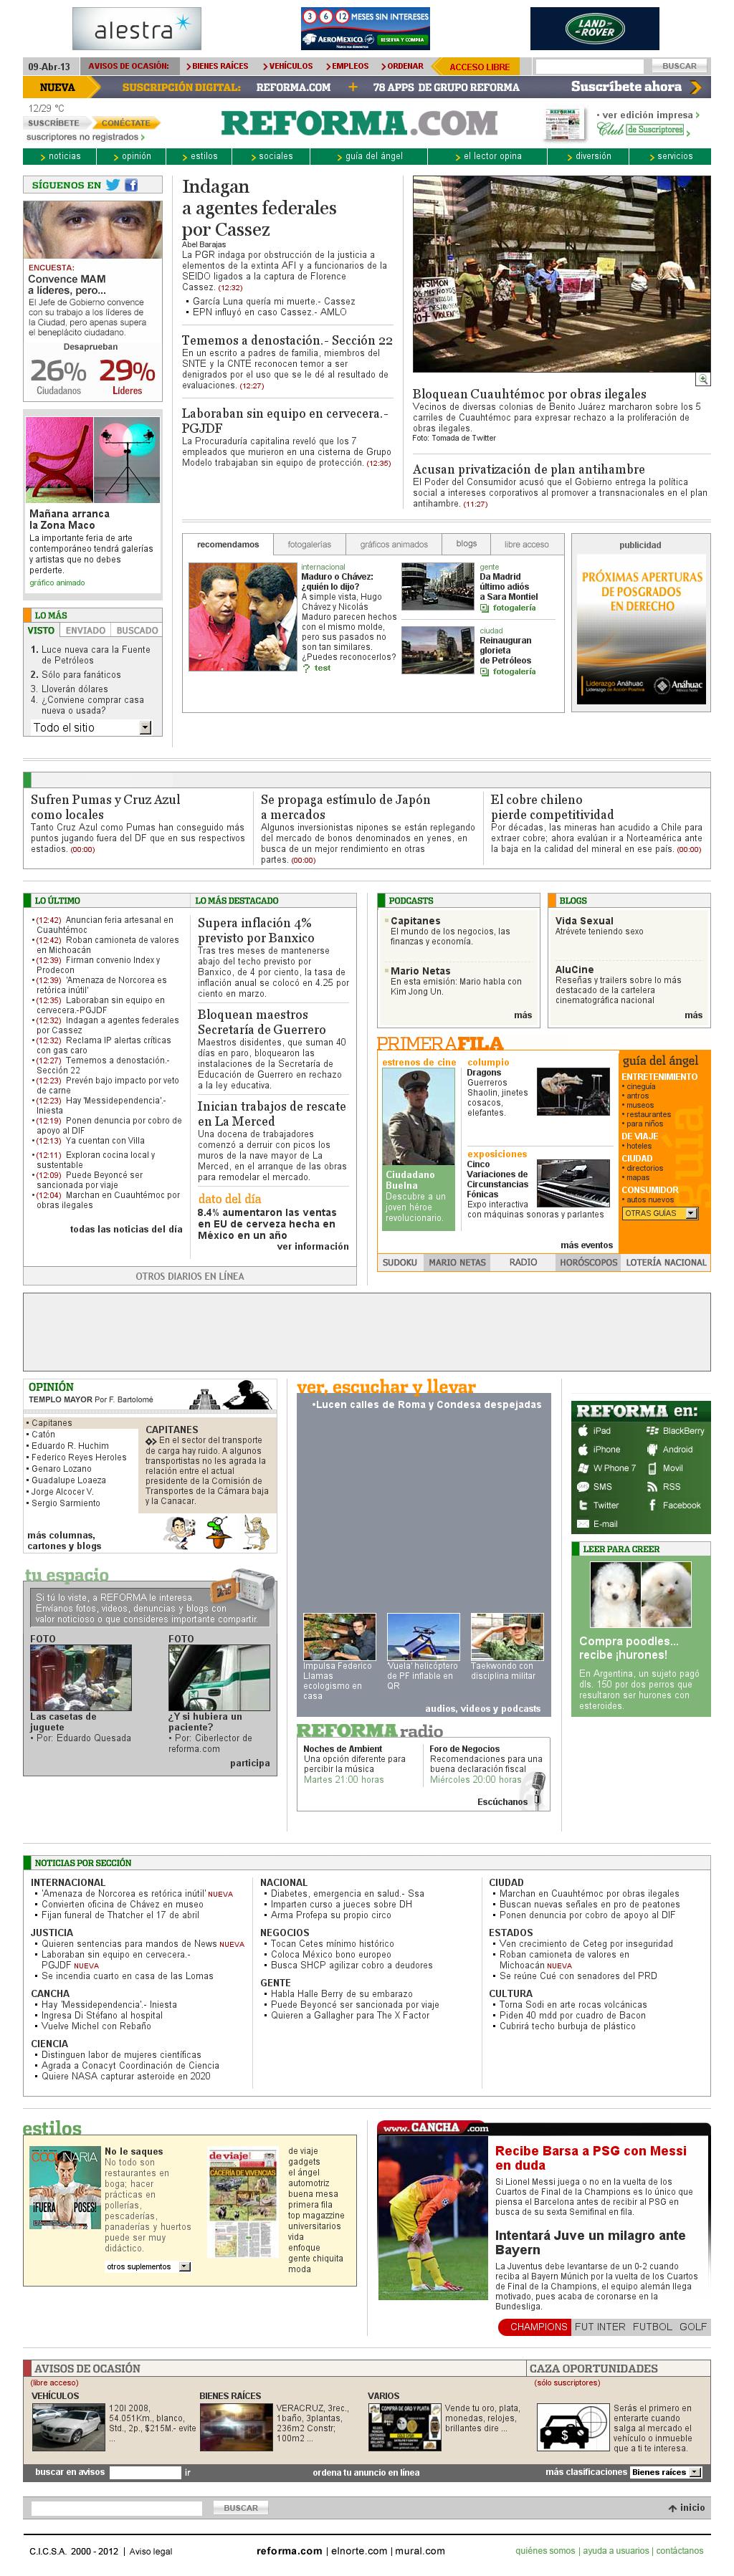 Reforma.com at Tuesday April 9, 2013, 6:18 p.m. UTC